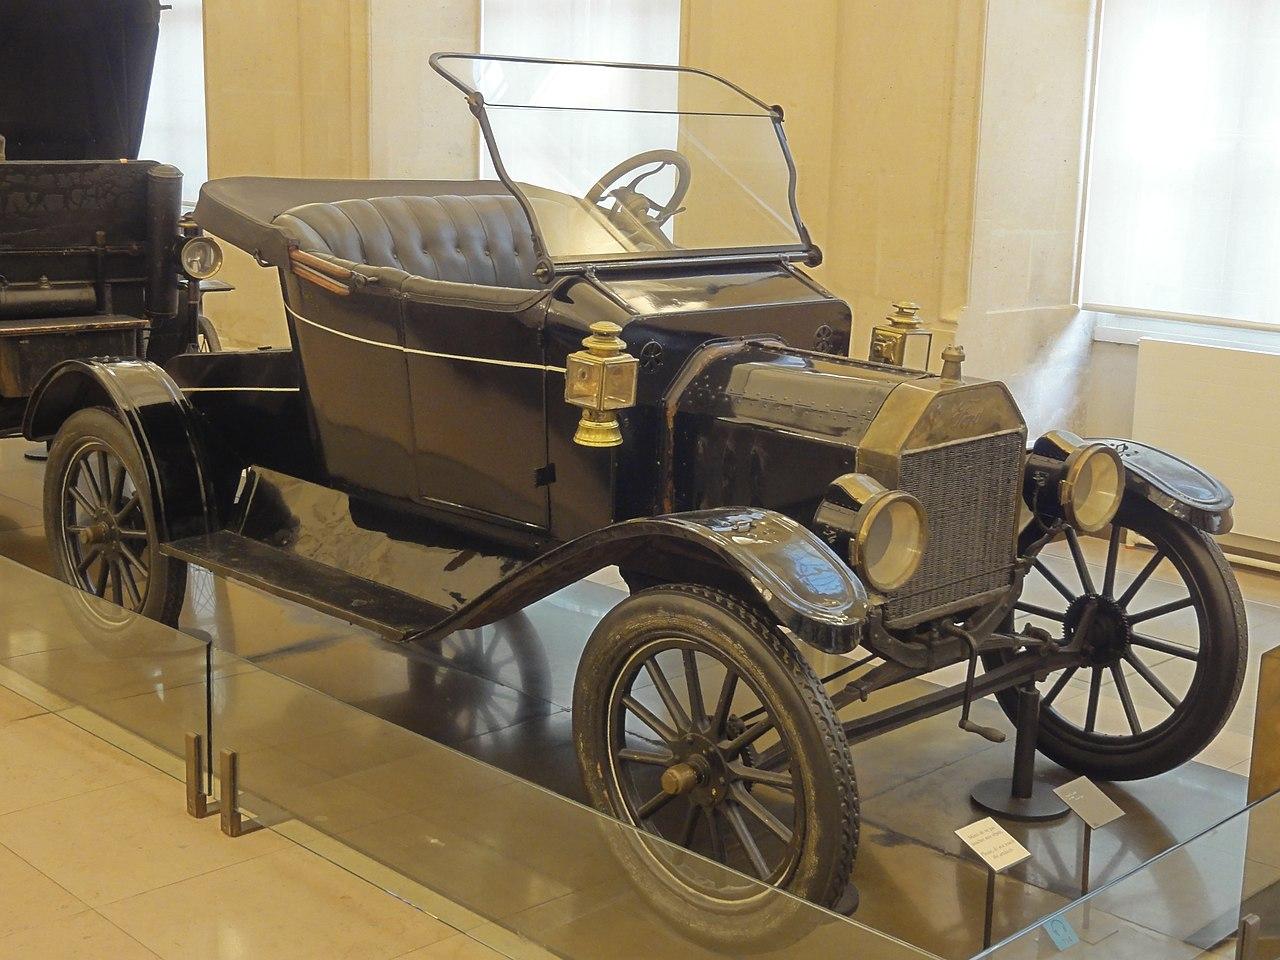 Build Your Own Ford >> File:Paris (75), musée des Arts et métiers, Ford model T, 1908 1.jpg - Wikimedia Commons